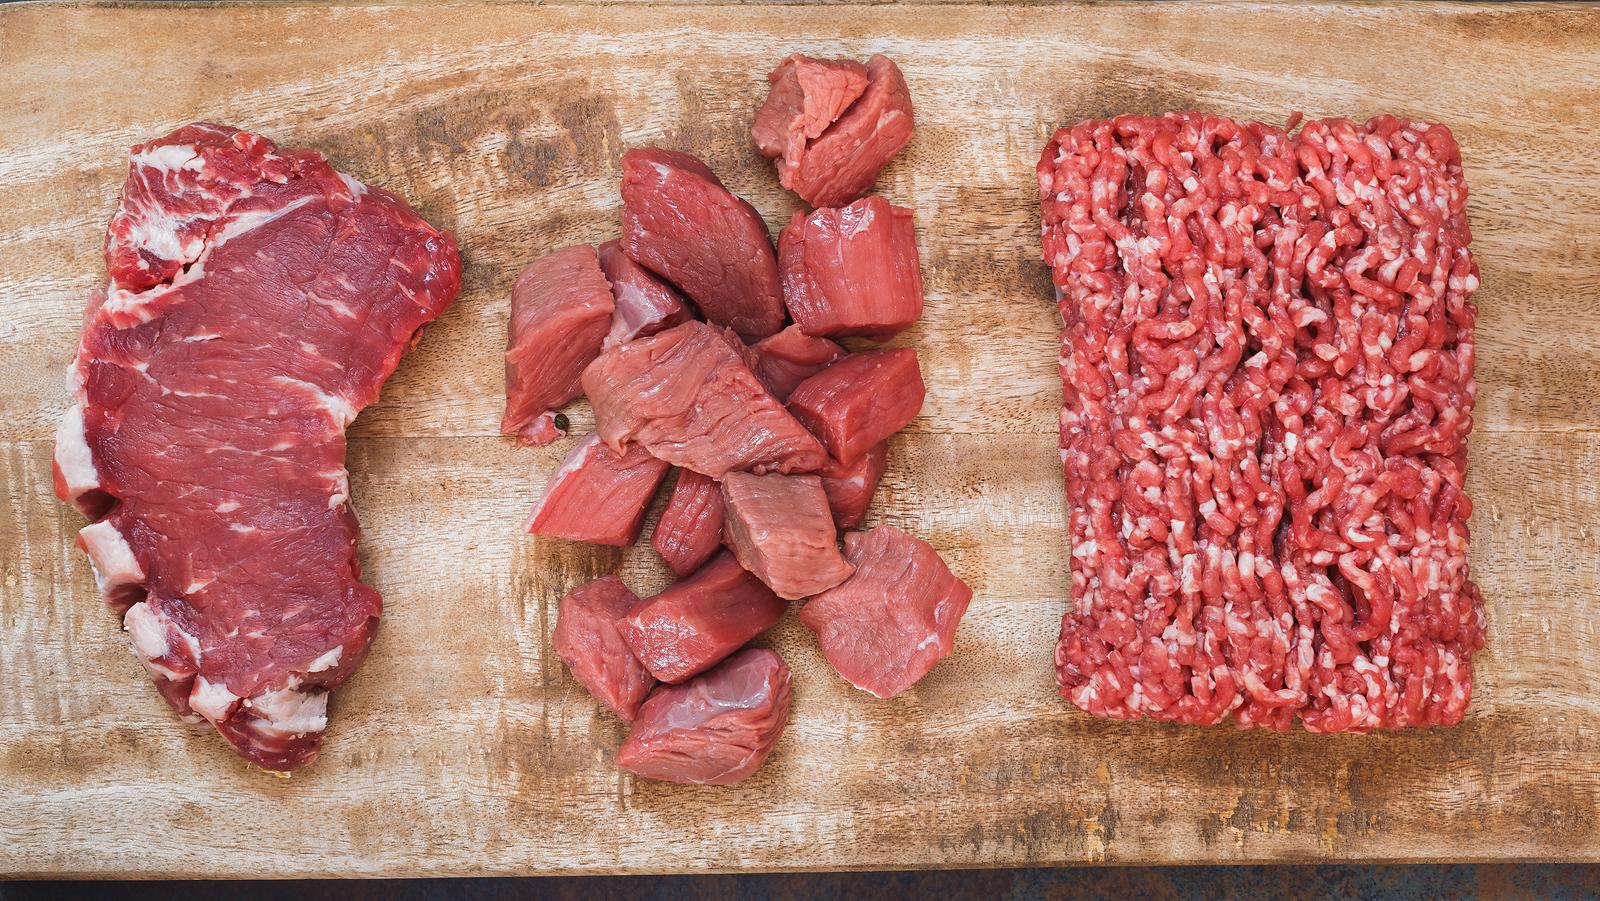 Vörös hús: akkor most egészséges… vagy mégsem? :: Fitness Akadémia